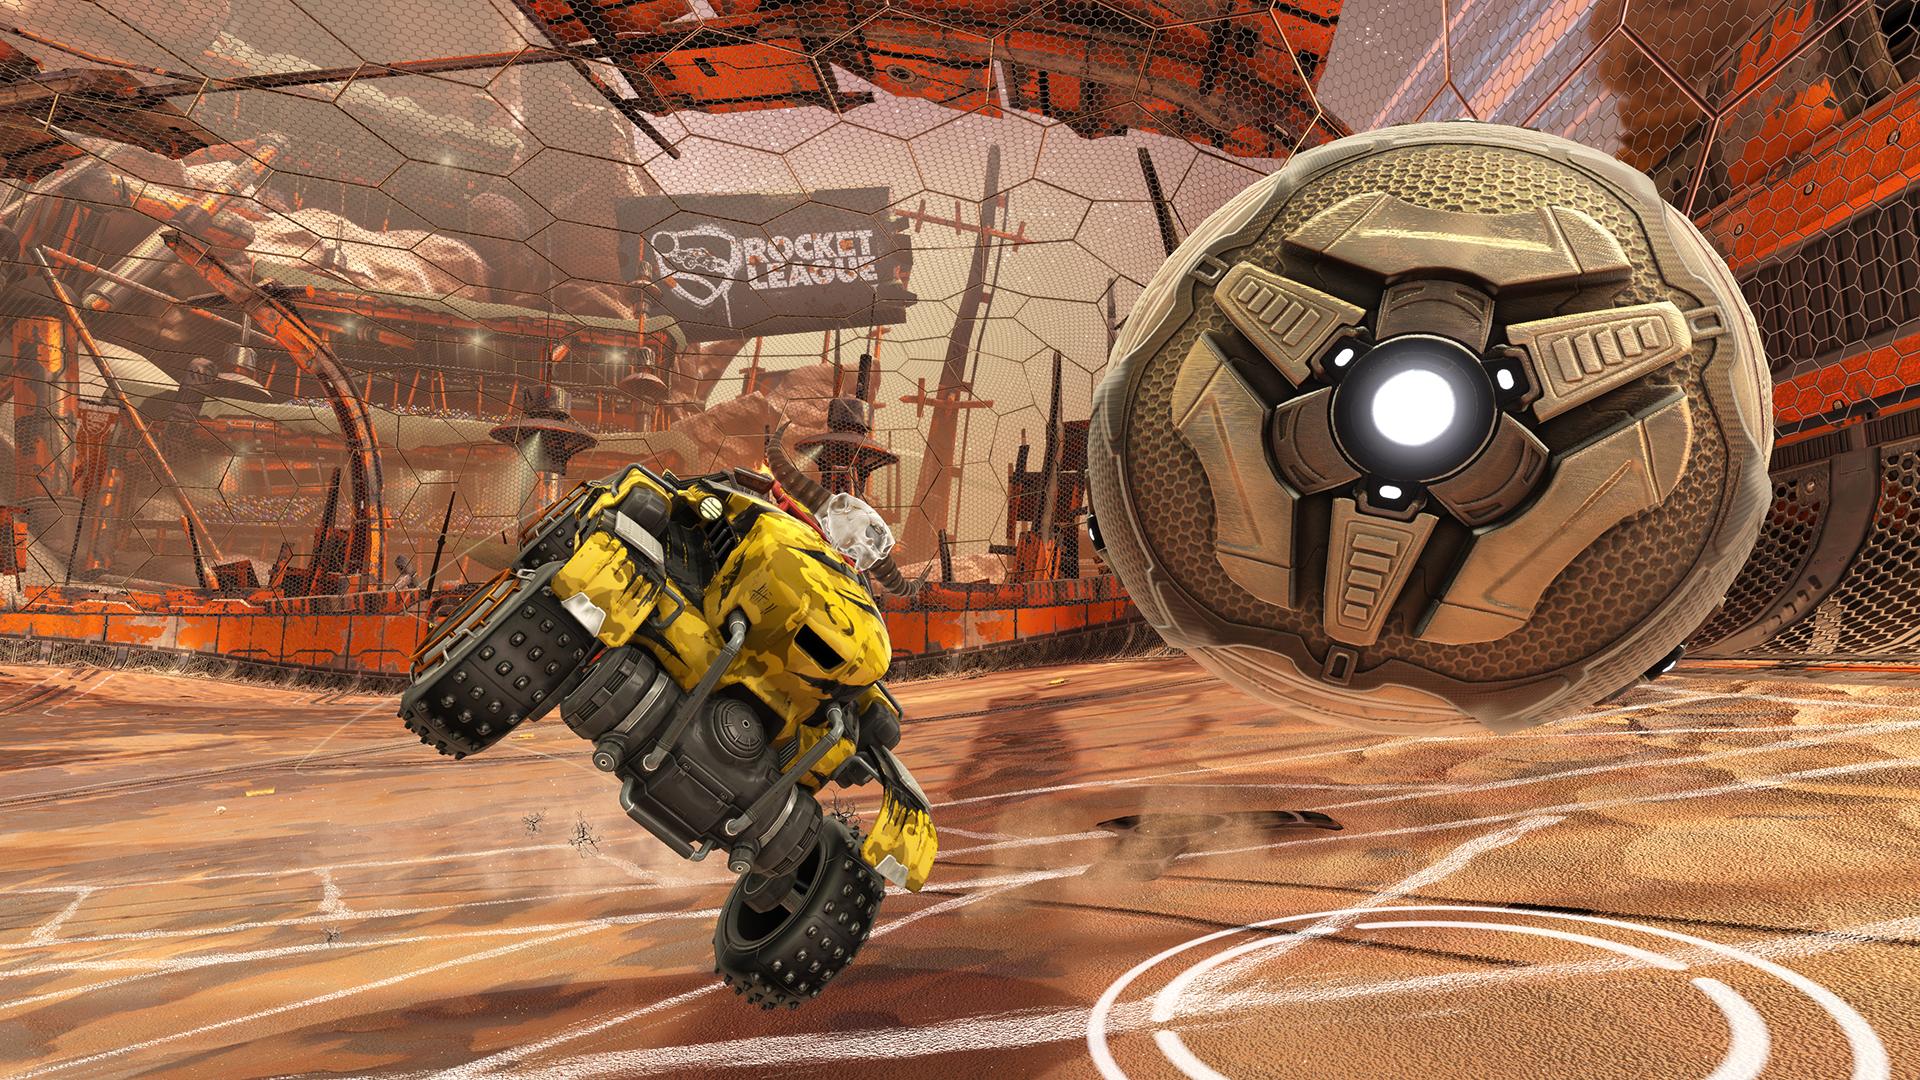 Rocket League - Chaos Run DLC Pack screenshot